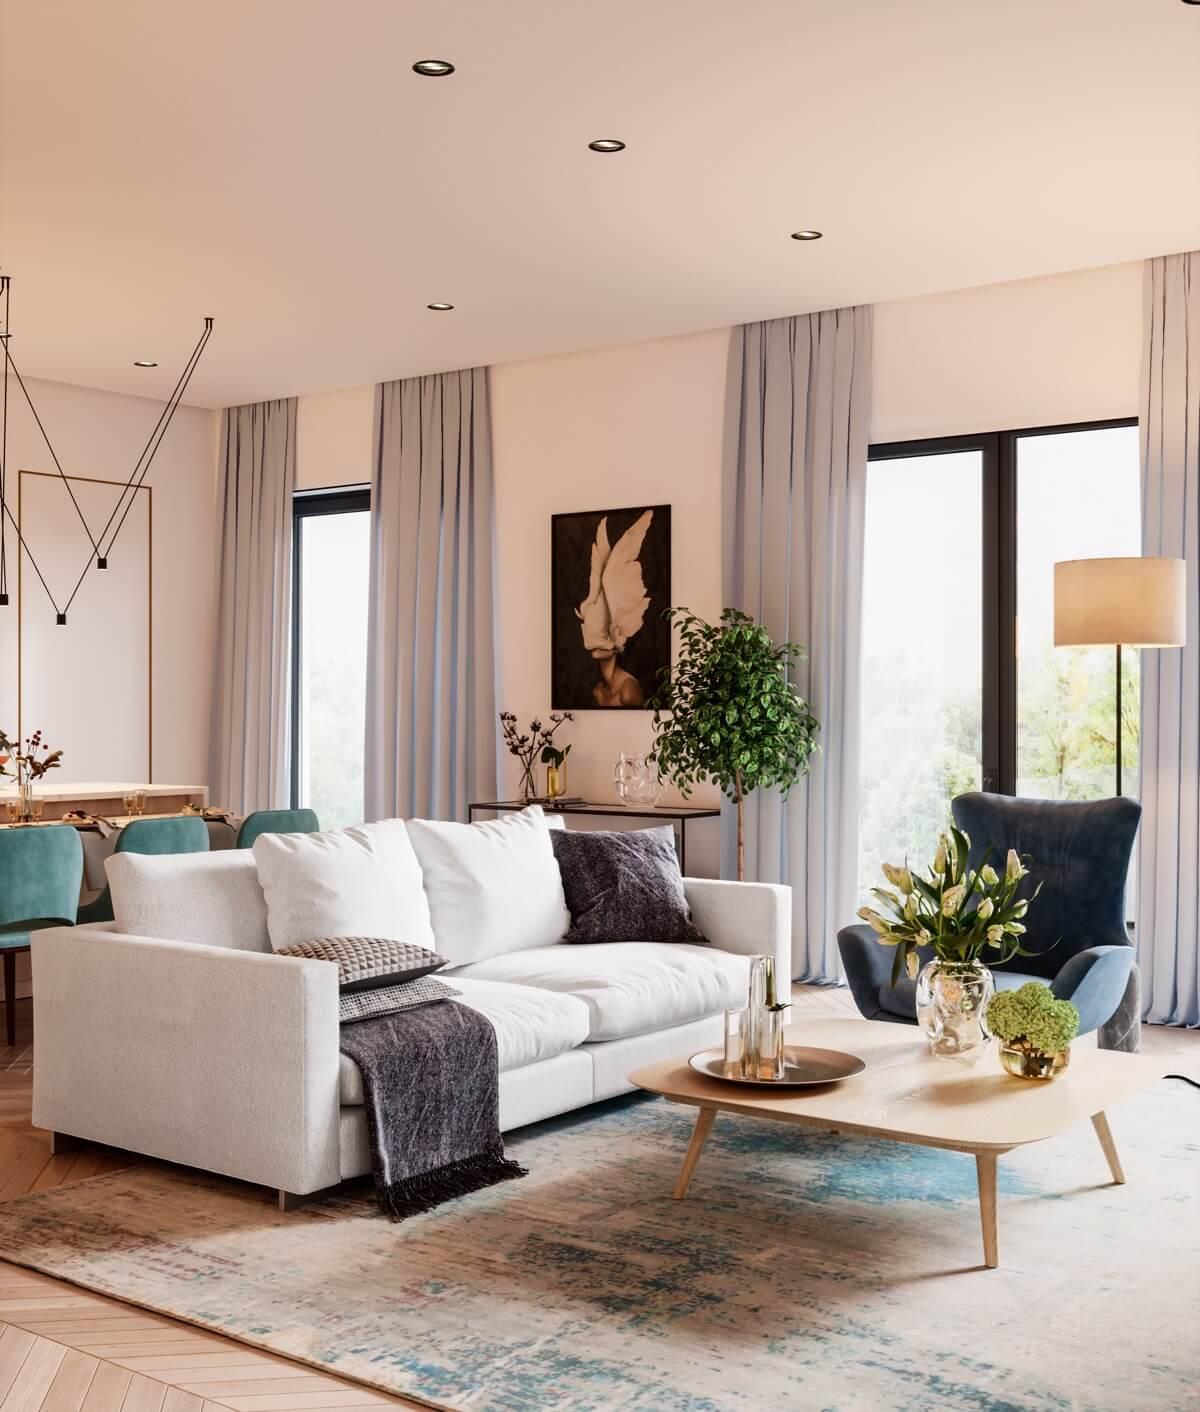 mẫu thiết kế nội thất căn hộ chung cư 80m2 đẹp 9